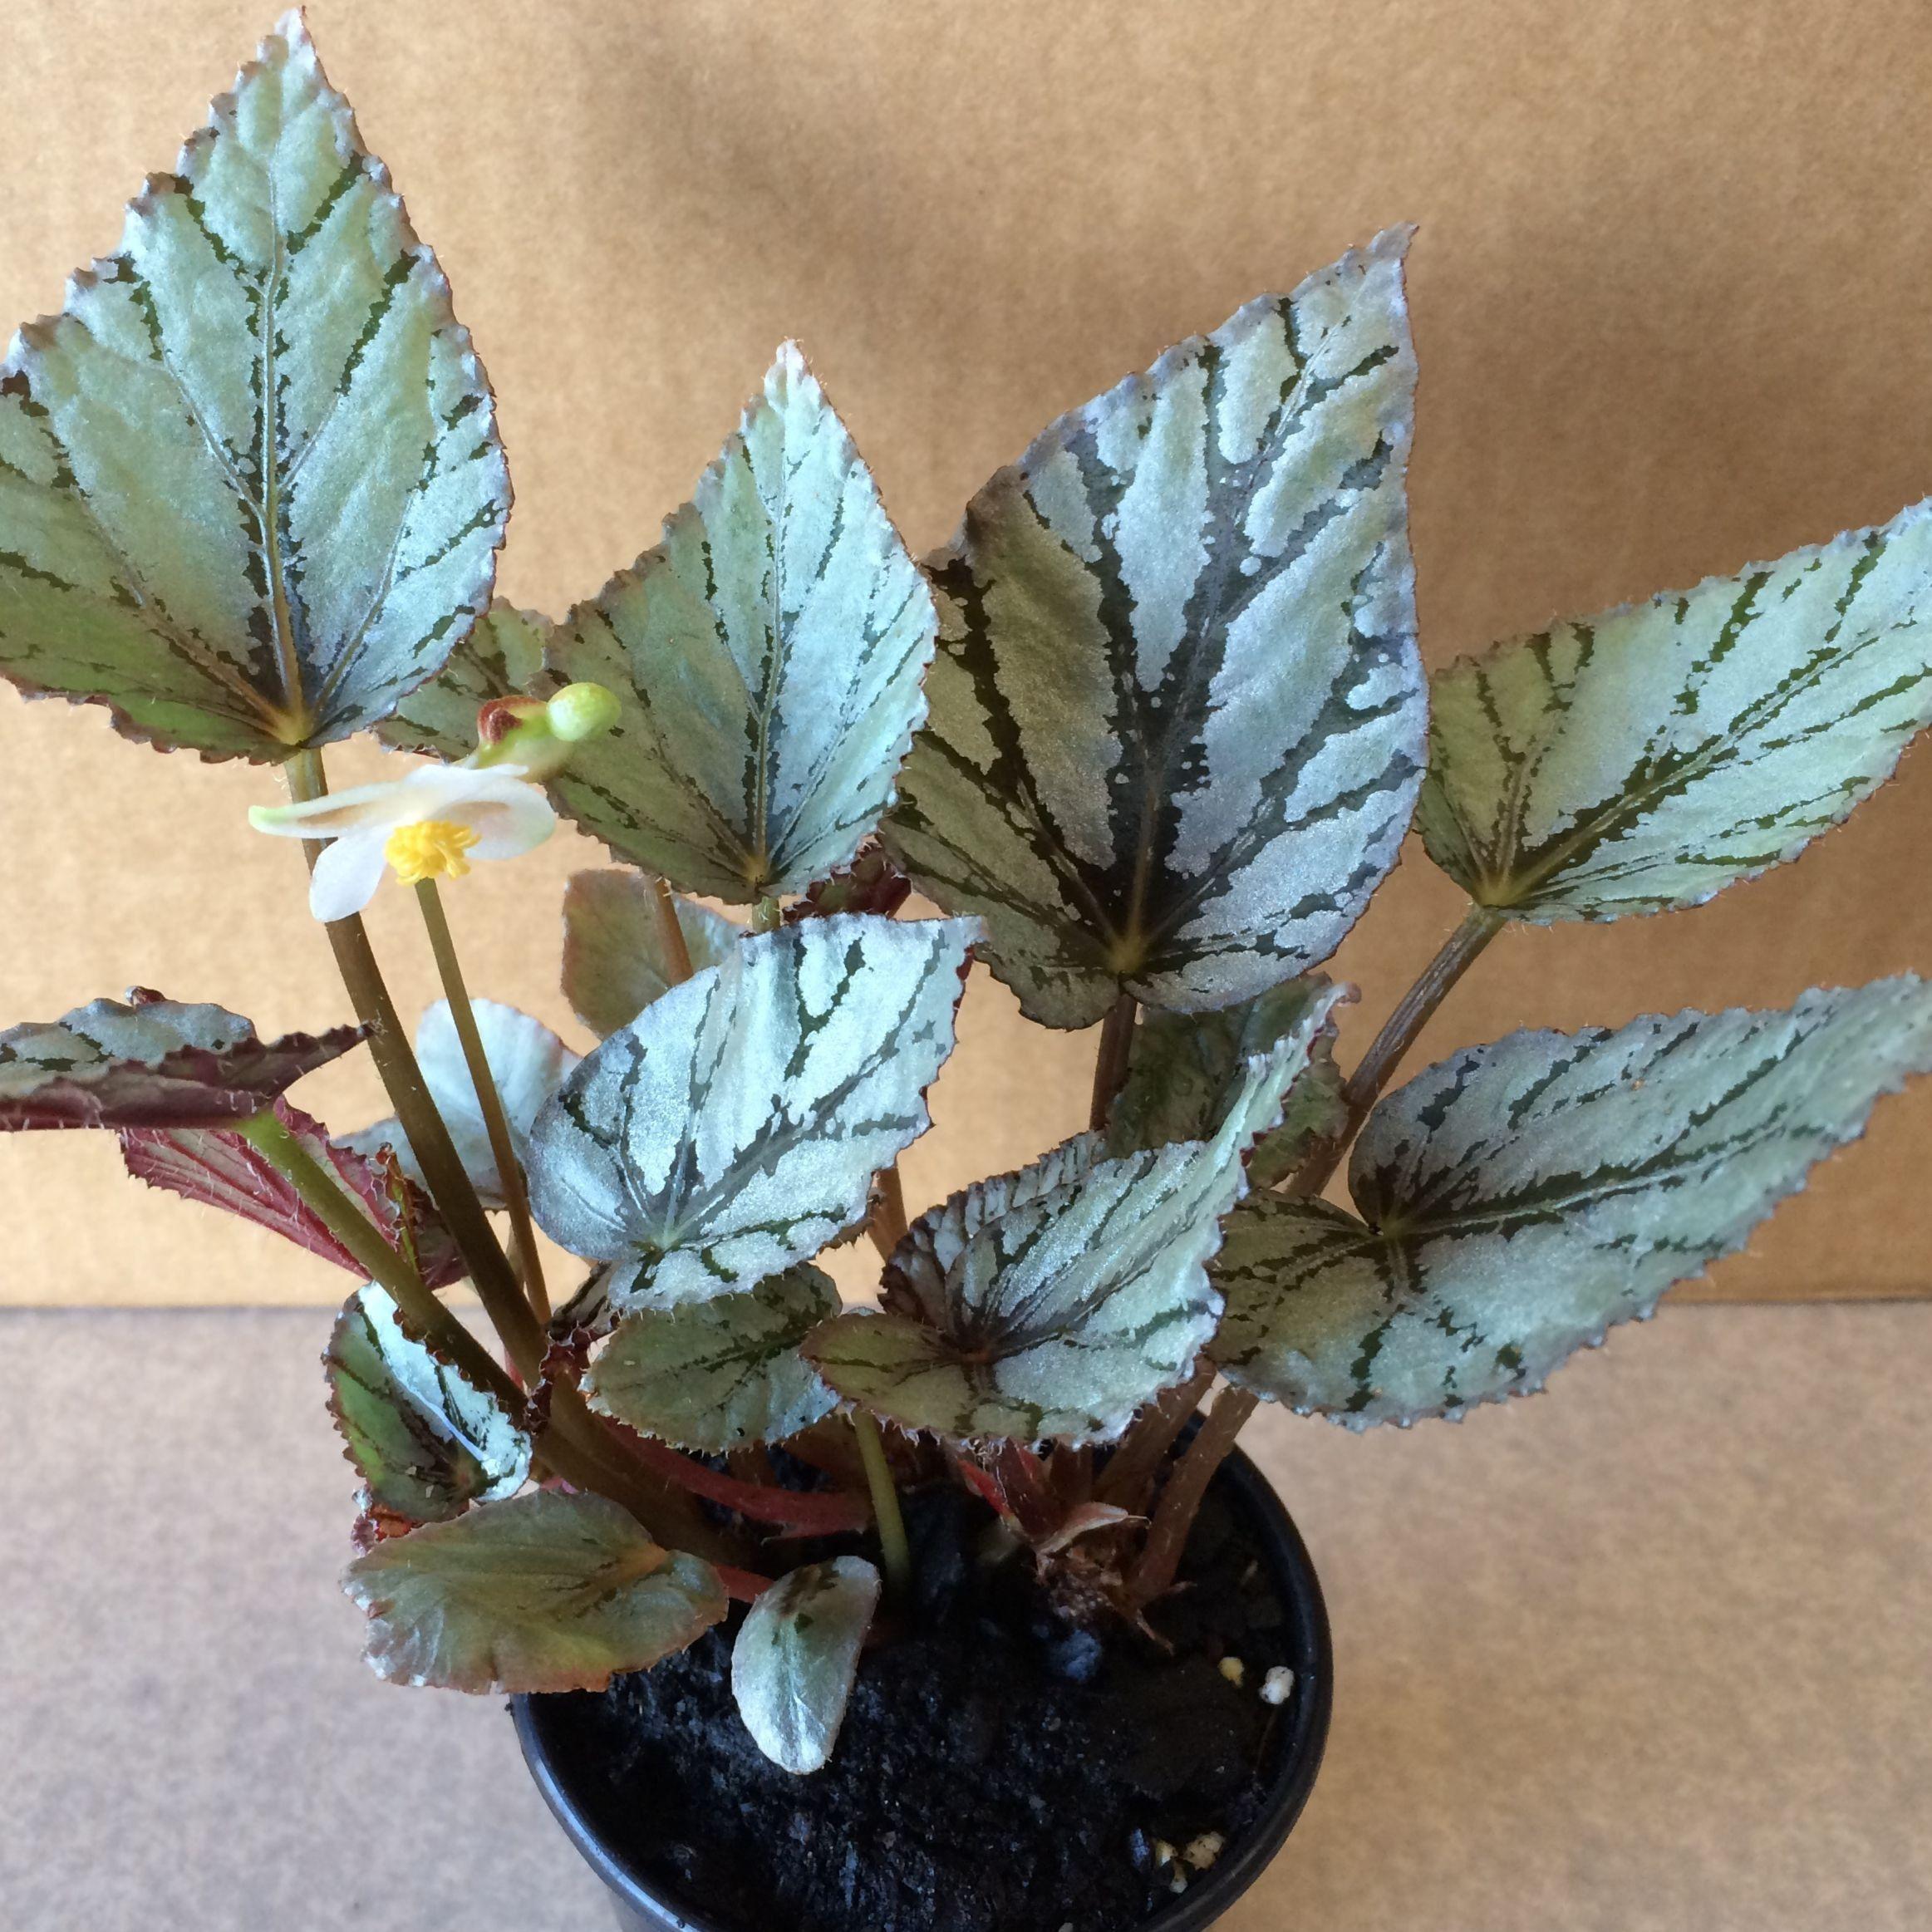 Buy Begonia Arctic Breeze Rex Begonias Plants Online At Gardener S Treasures In Adelaide South Australia Plants Diy Plants Flower Garden